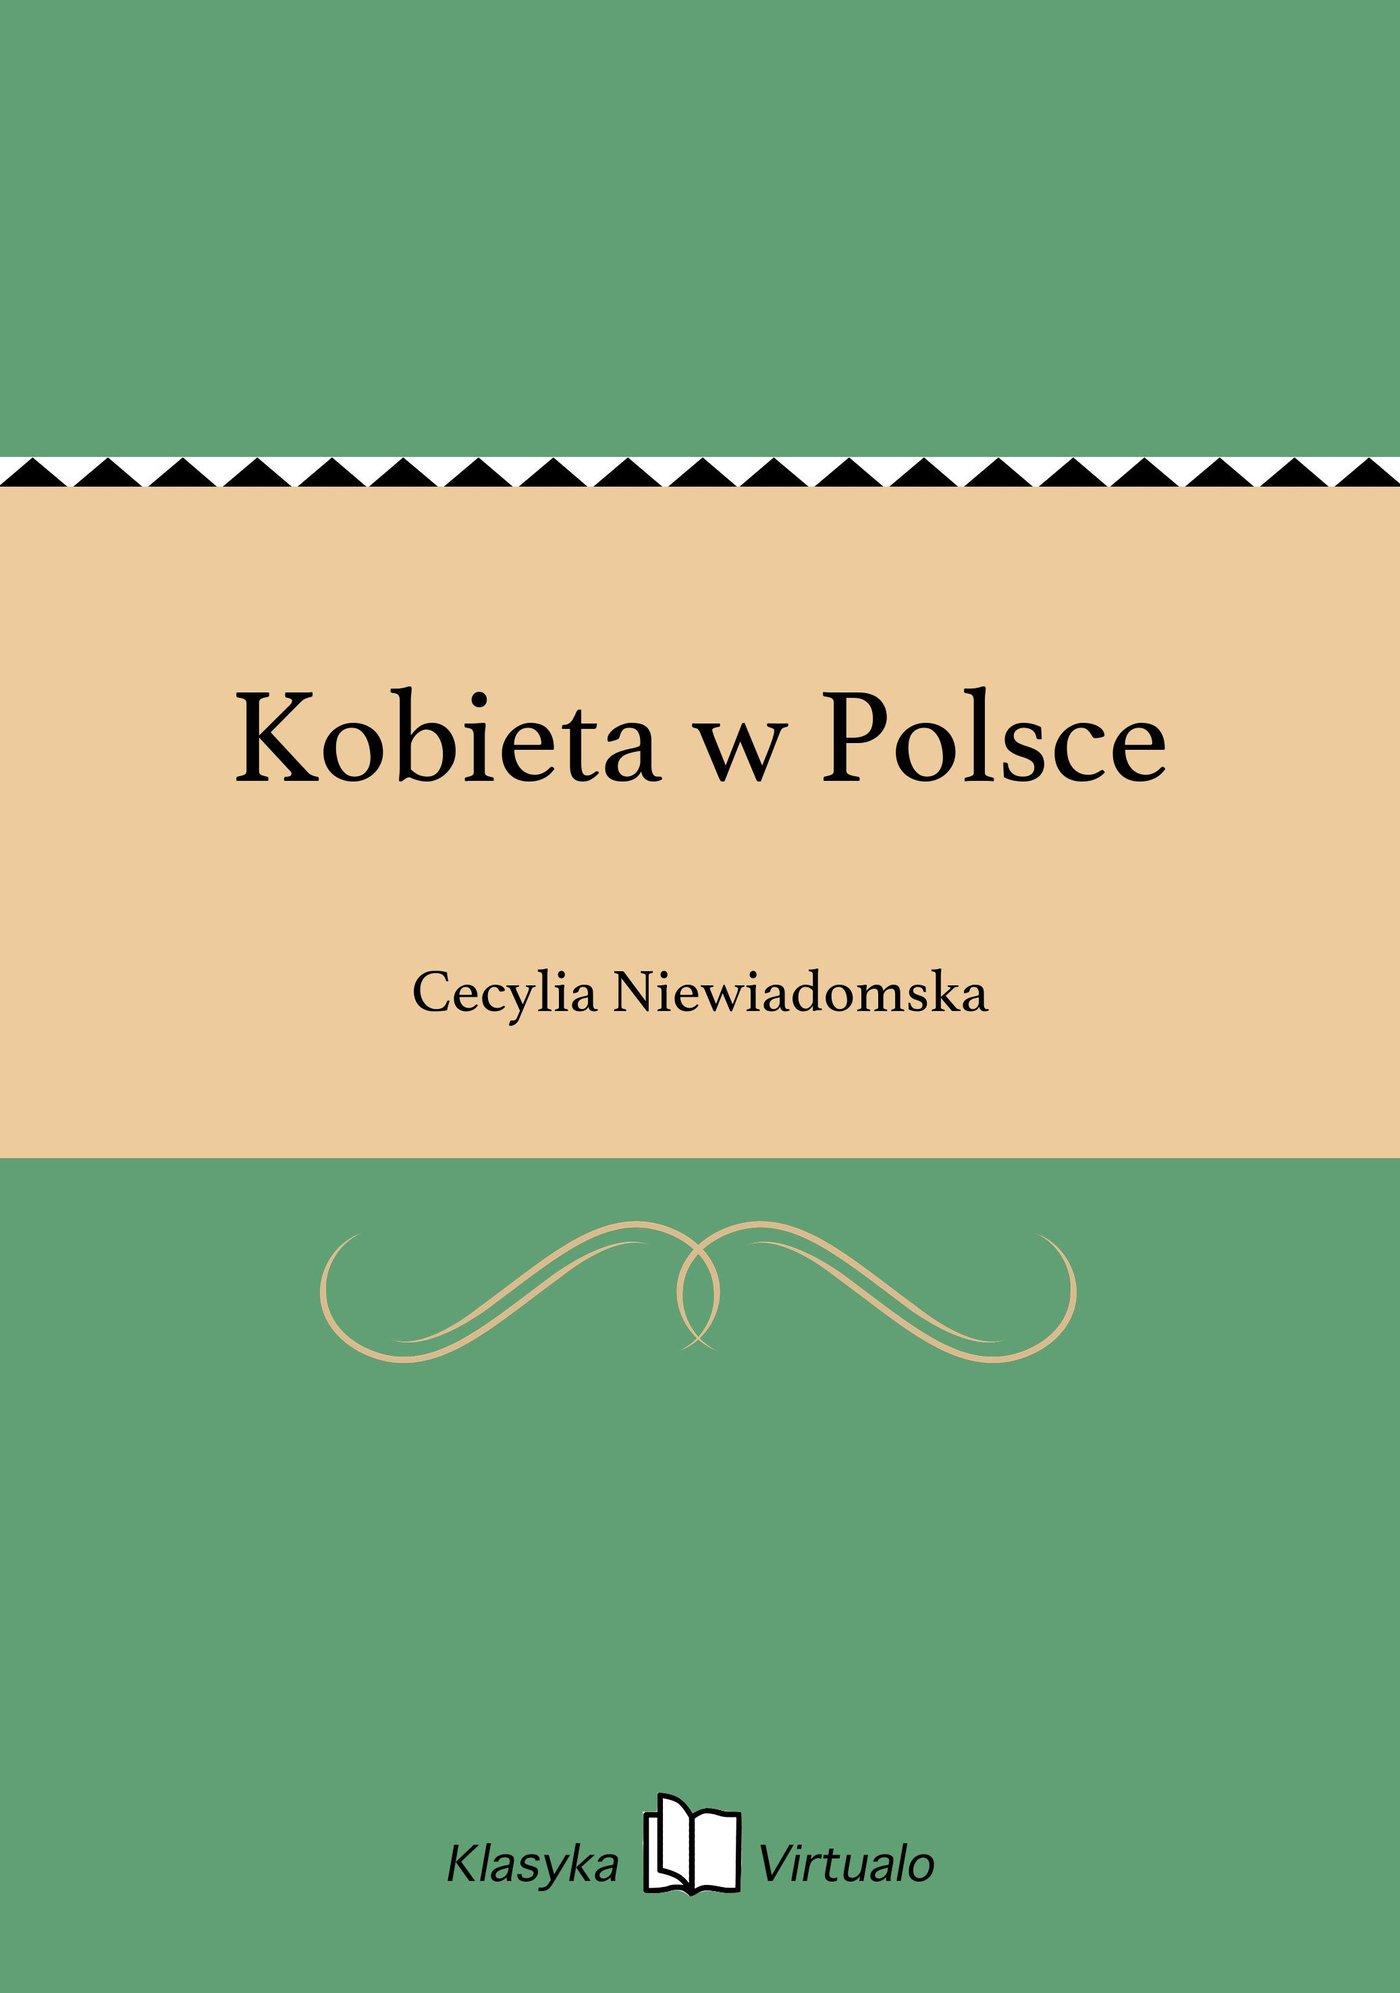 Kobieta w Polsce - Ebook (Książka EPUB) do pobrania w formacie EPUB